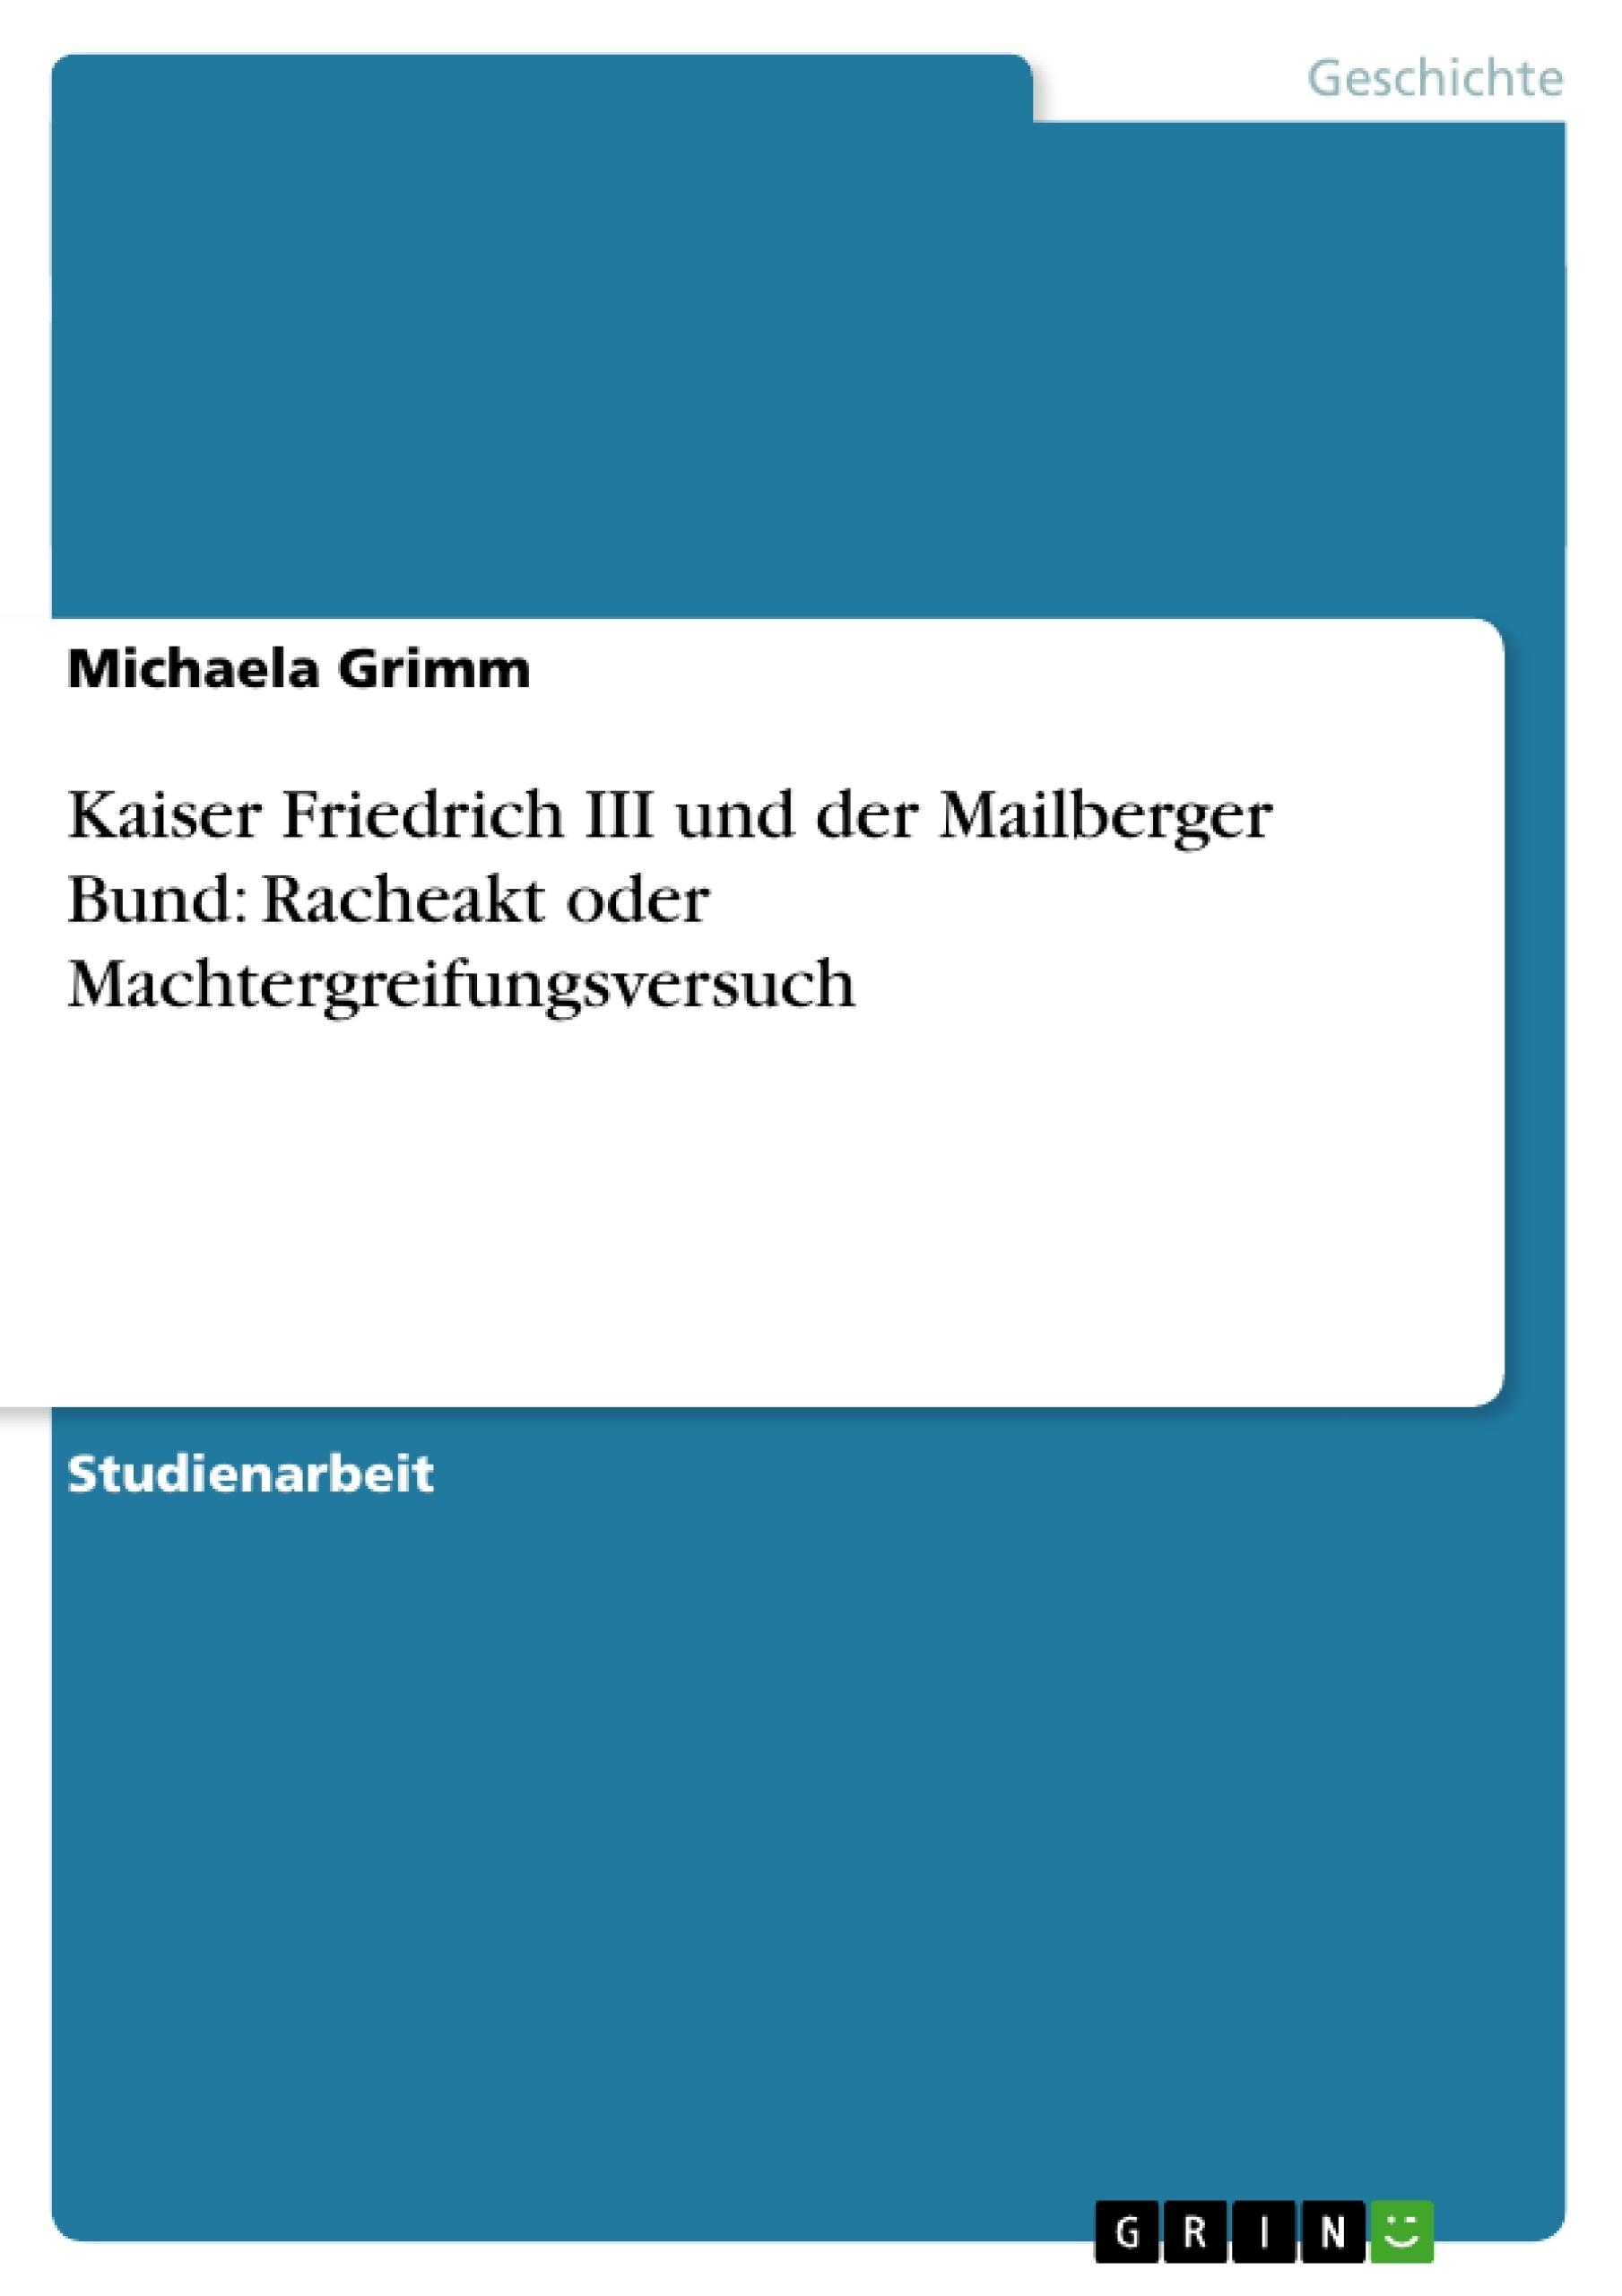 Titel: Kaiser Friedrich III und der Mailberger Bund: Racheakt oder Machtergreifungsversuch